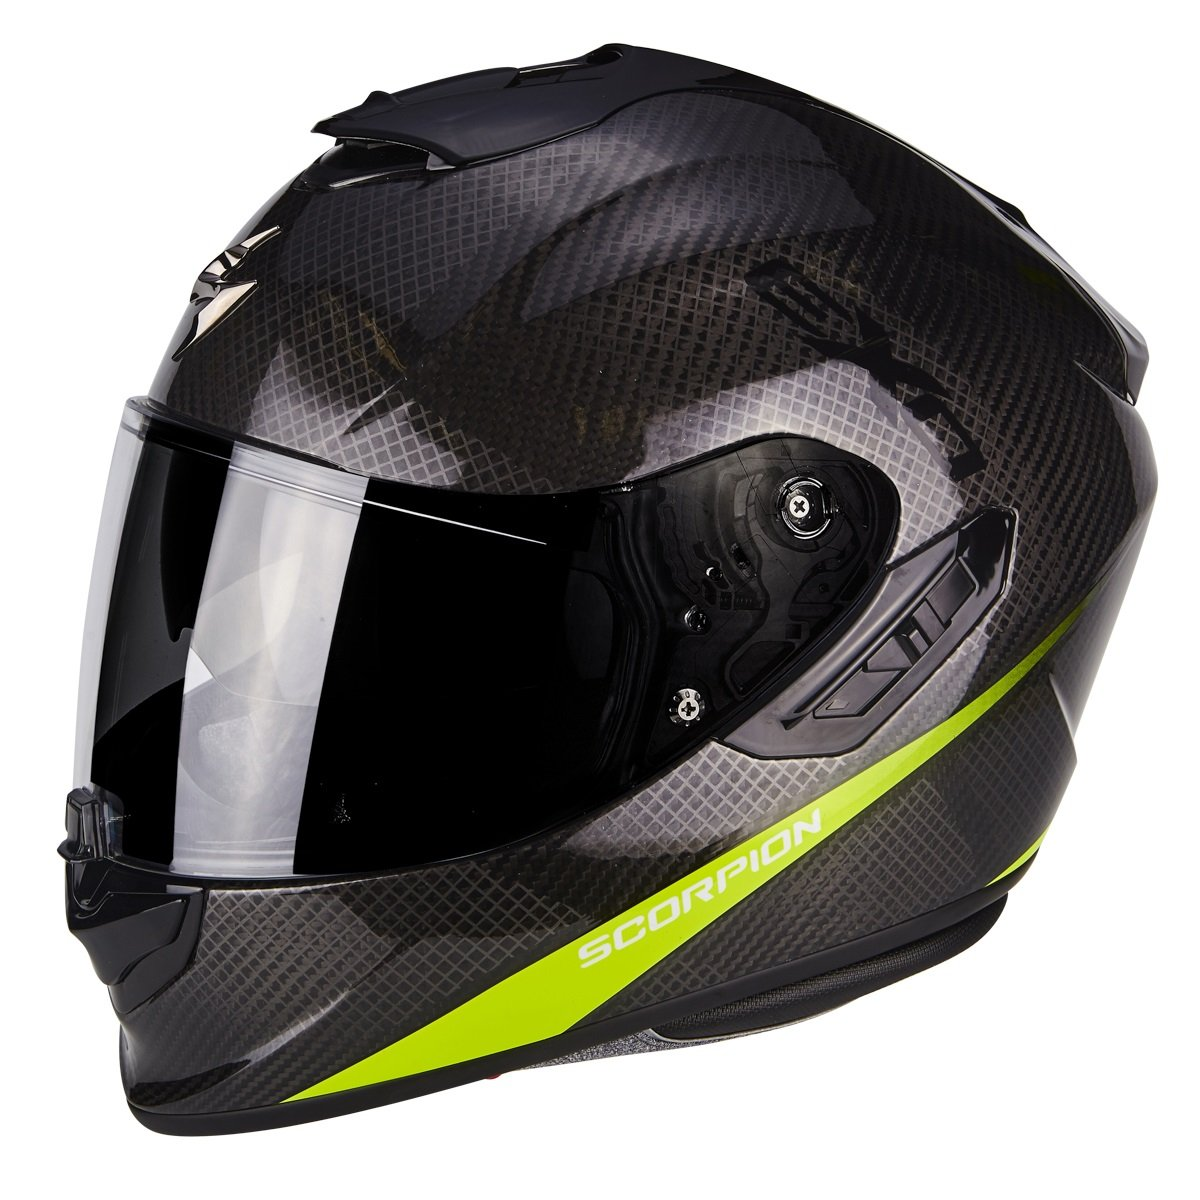 Scorpion EXO 1400 AIR Carbon Pure žlutá L (59/60)